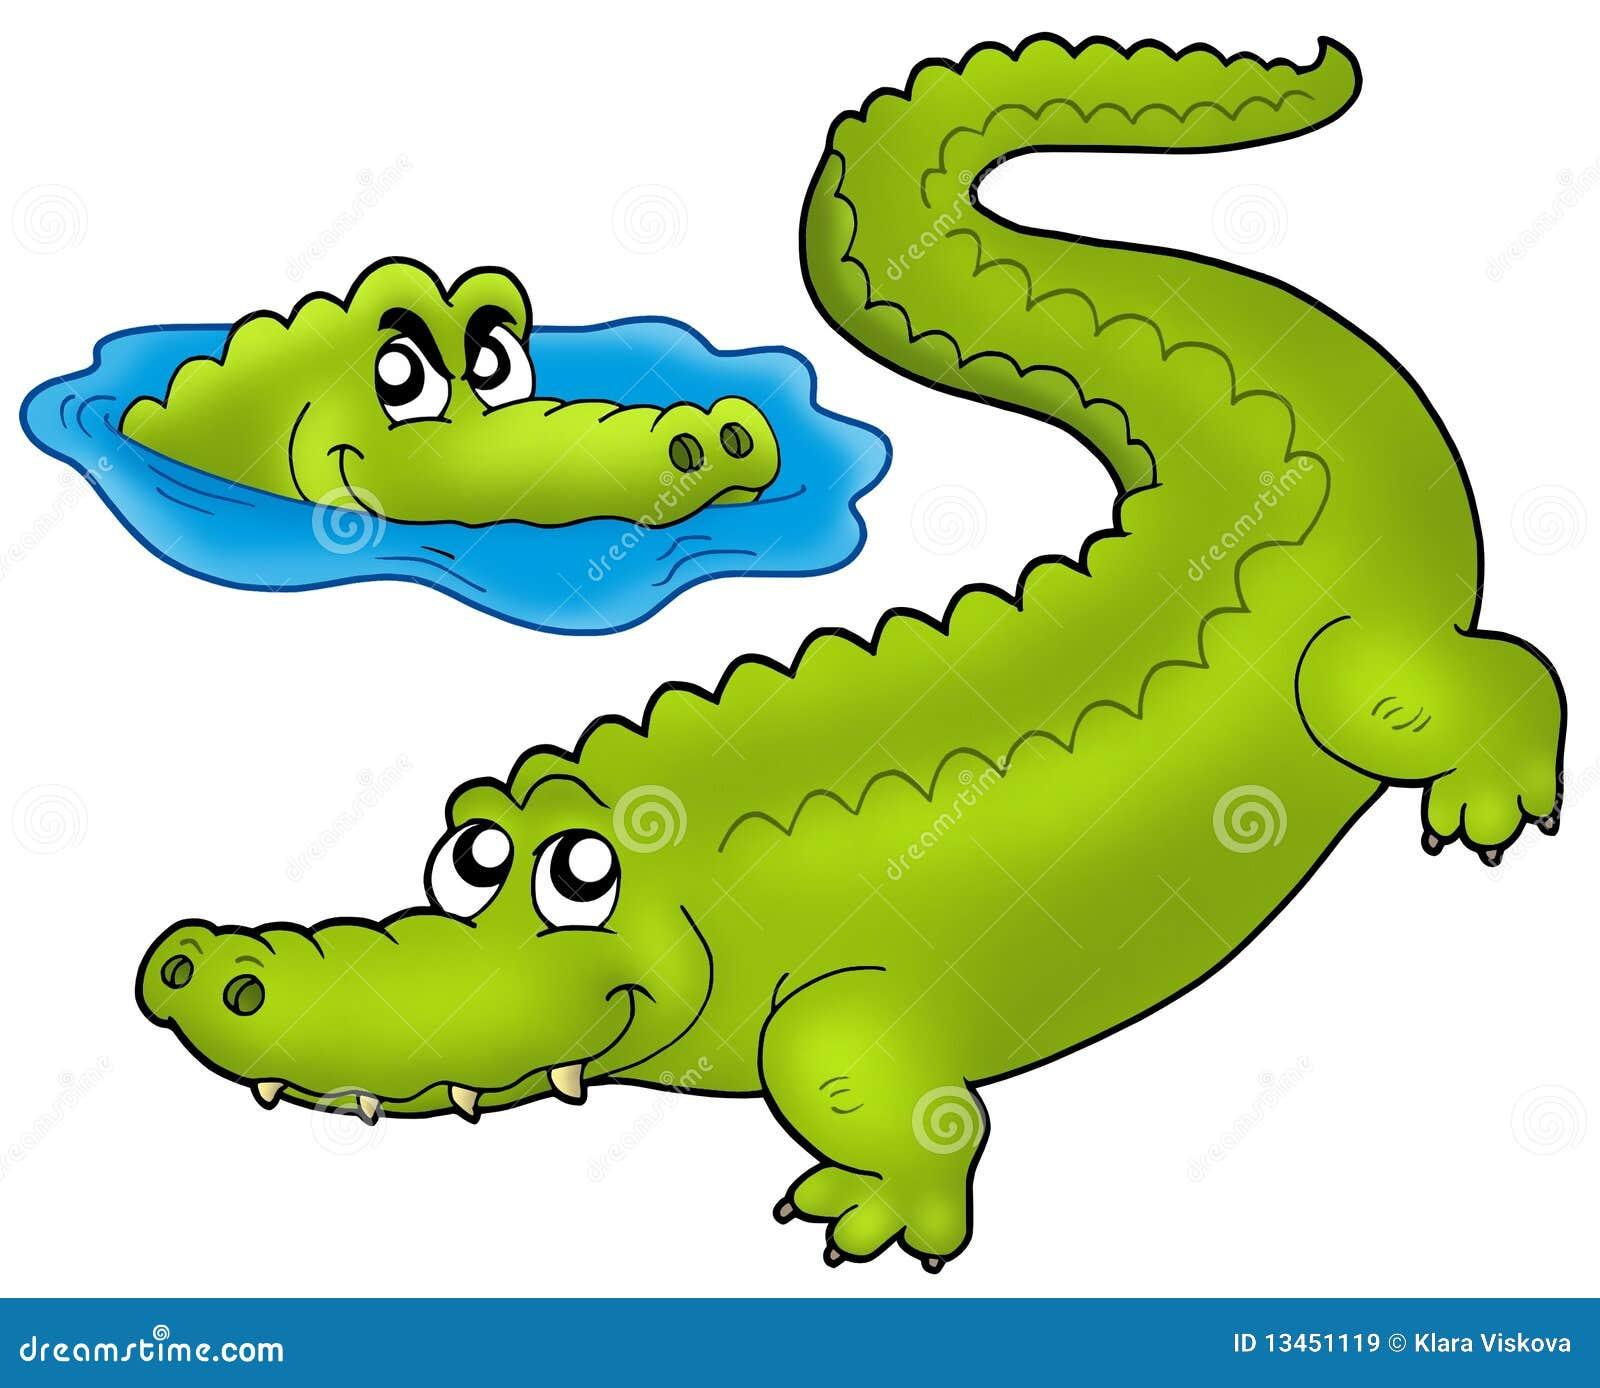 Paires de crocodiles de dessin anim images libres de droits image 13451119 - Dessin anime crocodile ...